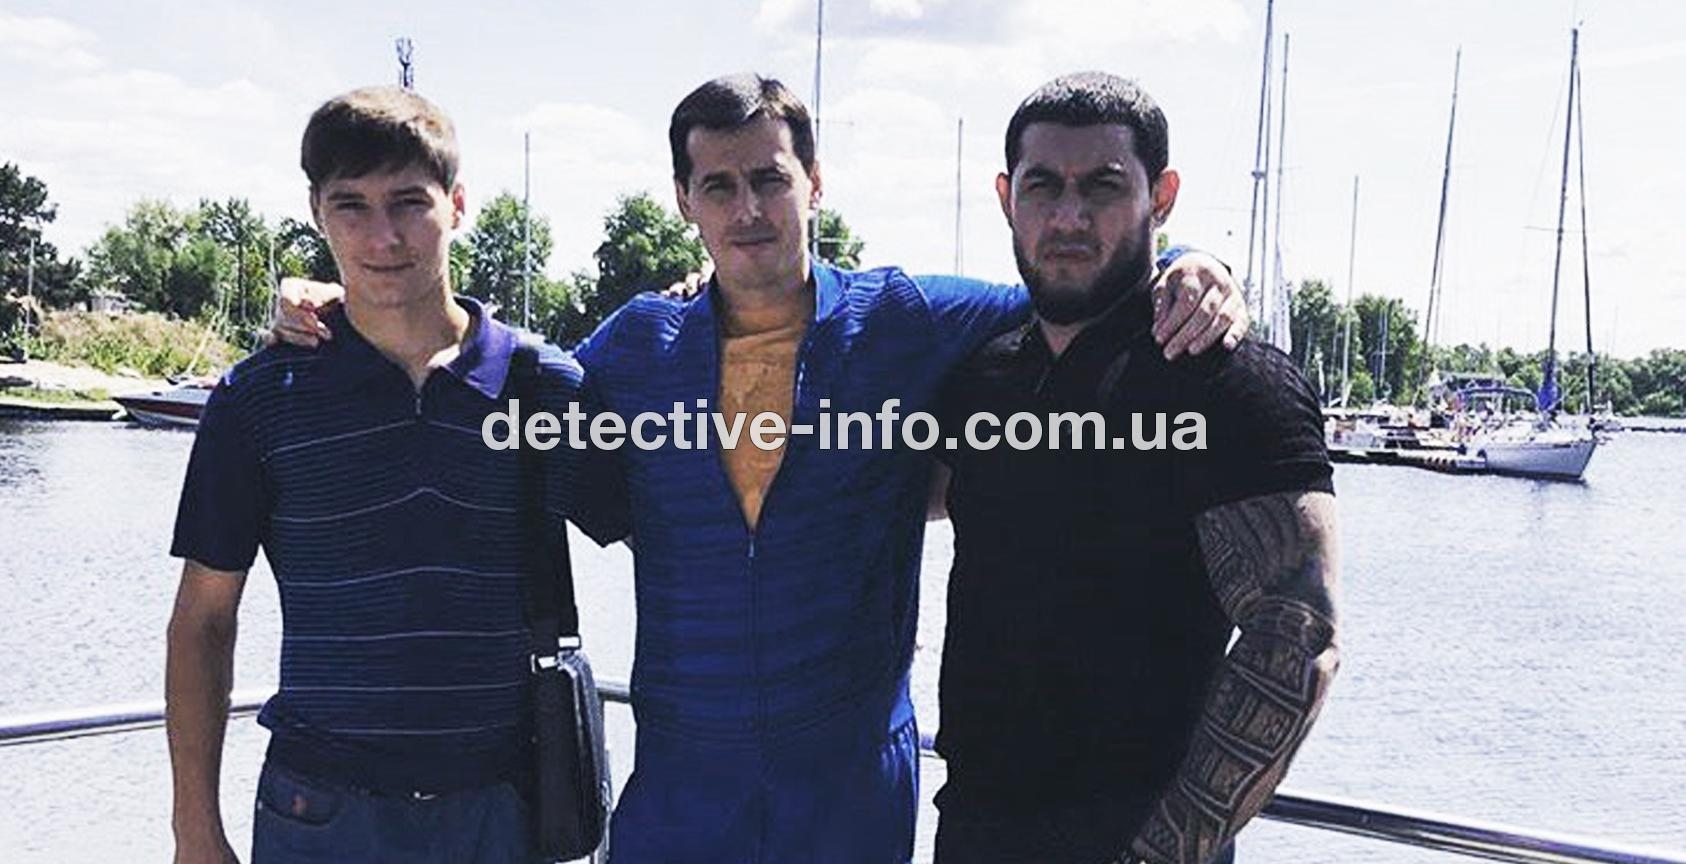 """mazur2 - Олександр Мазур: """"кримінальні батьки"""", АТО і Тарас Бульба"""